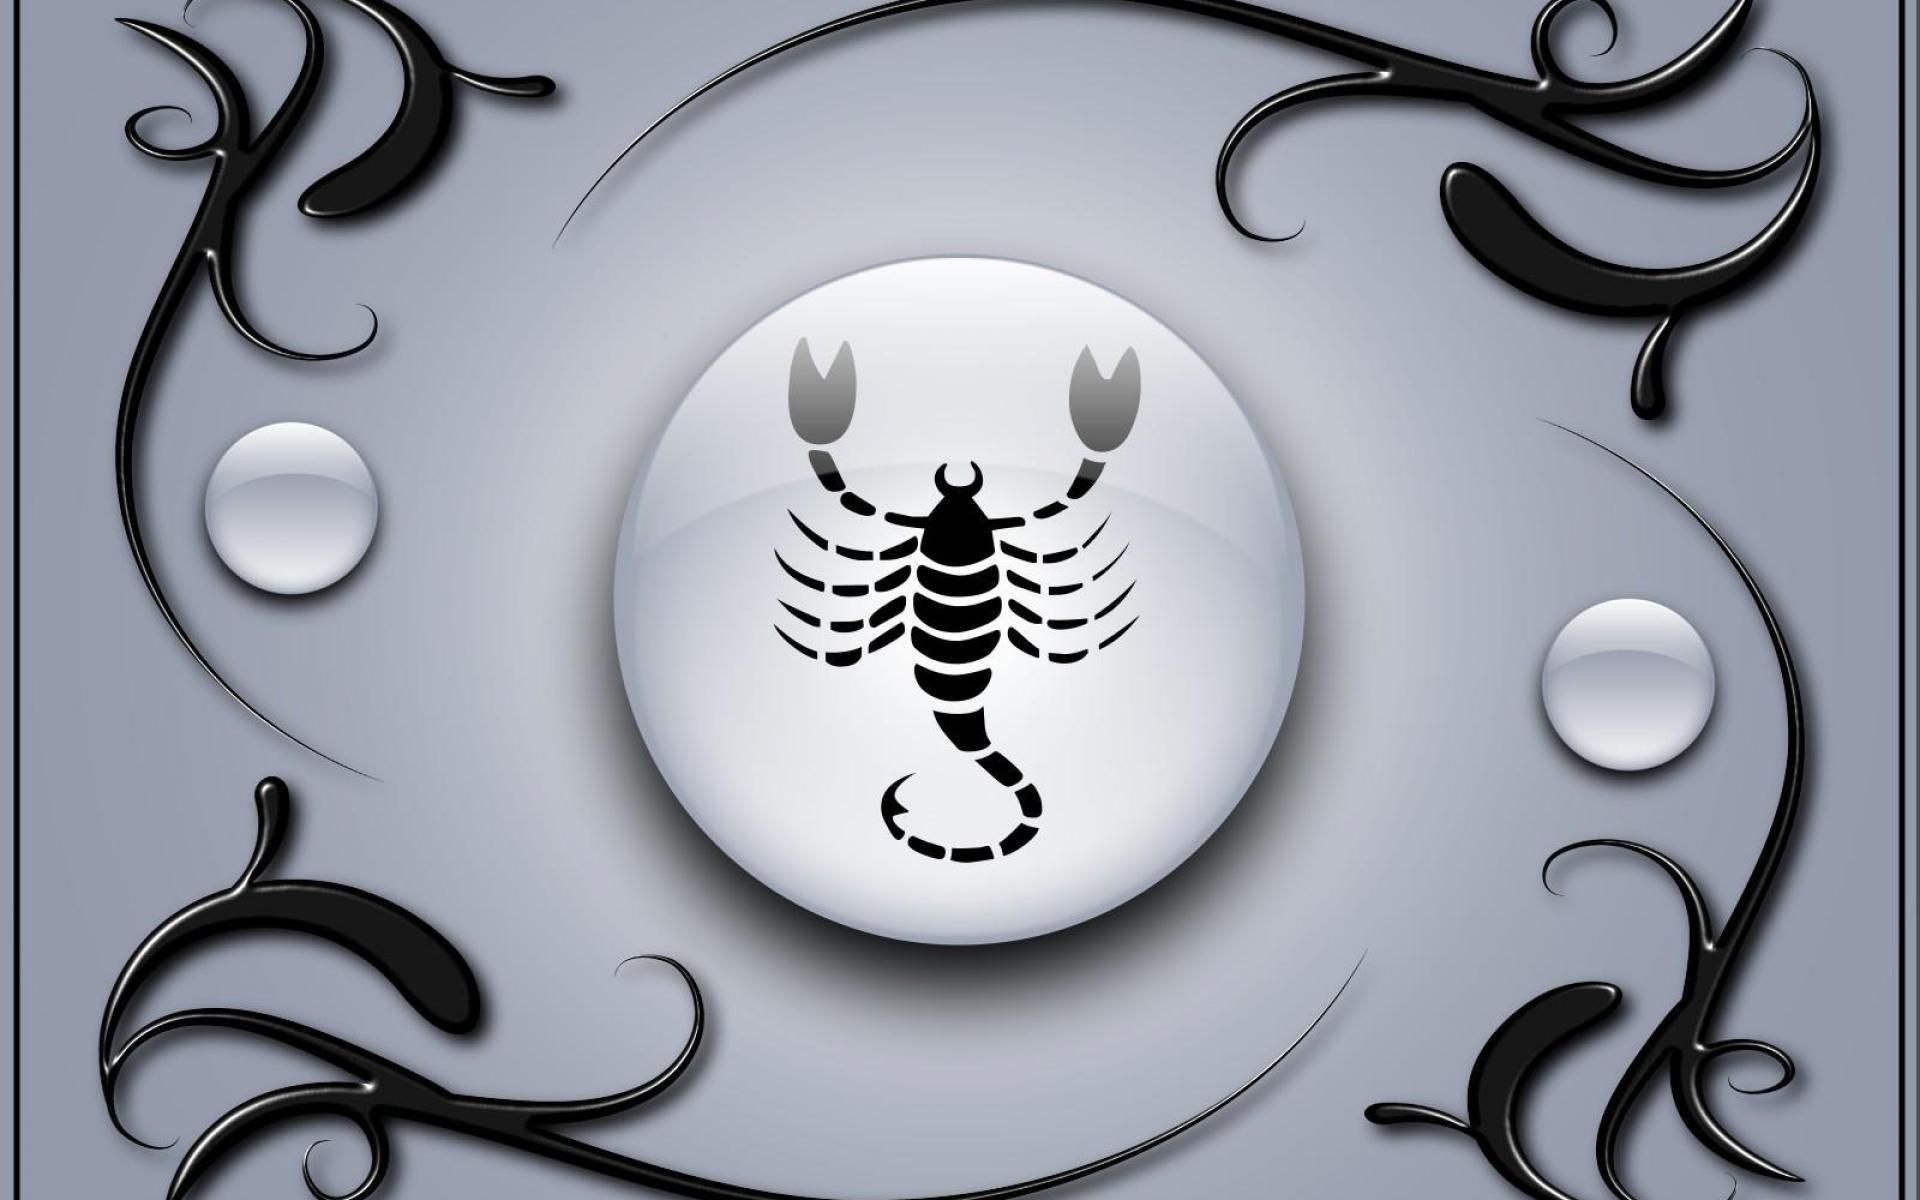 Res: 1920x1200, Zodiac Scorpio. Wallpaper: Zodiac Scorpio